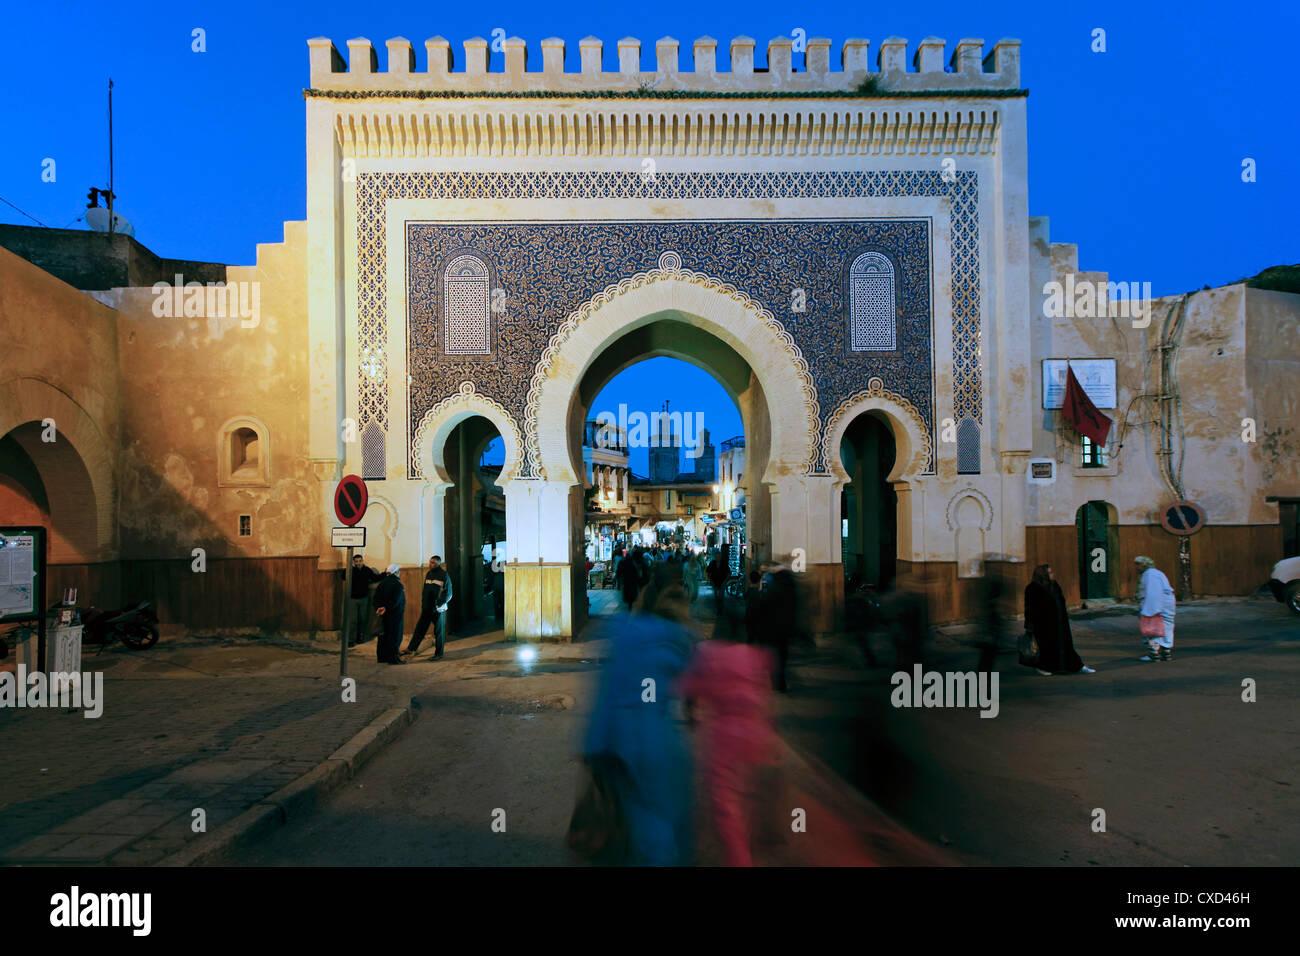 Sol carrelé bleu de l'Archway Bab Bou Jeloud porte de la ville de médina, Fès, Moyen Atlas, Maroc, Photo Stock